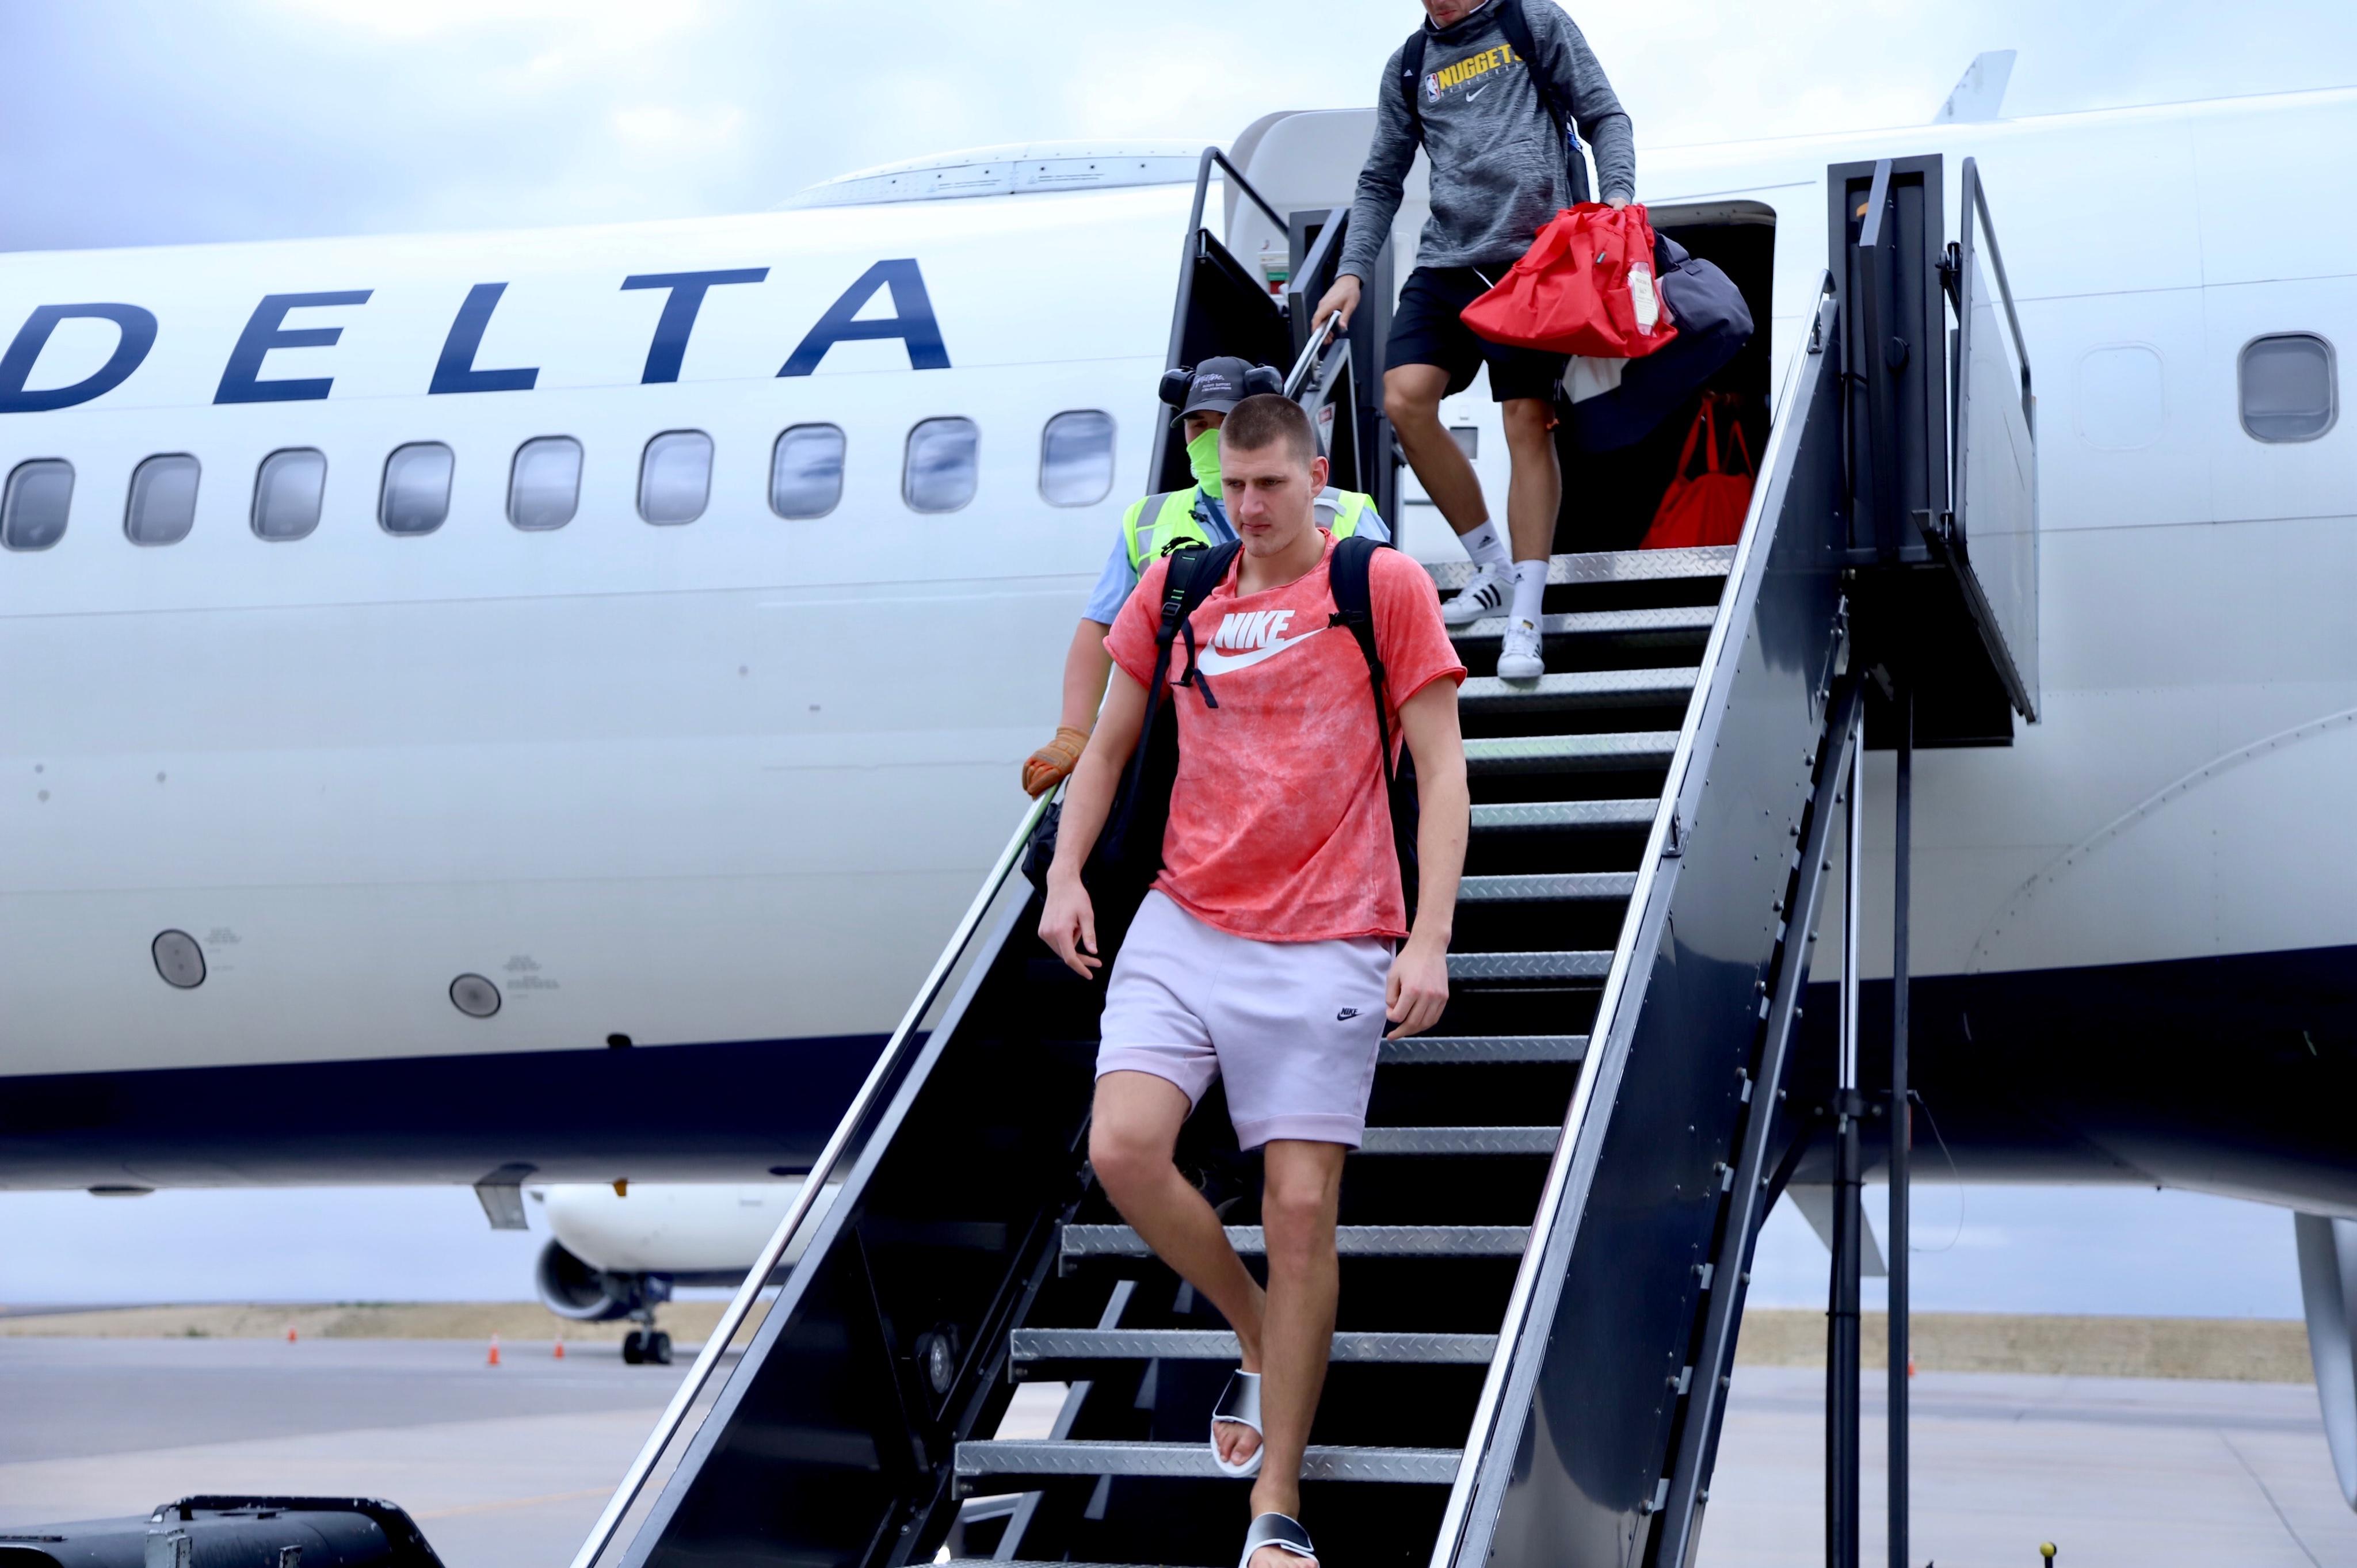 安全到家!掘金官推晒众球员抵达丹佛机场照:到家了